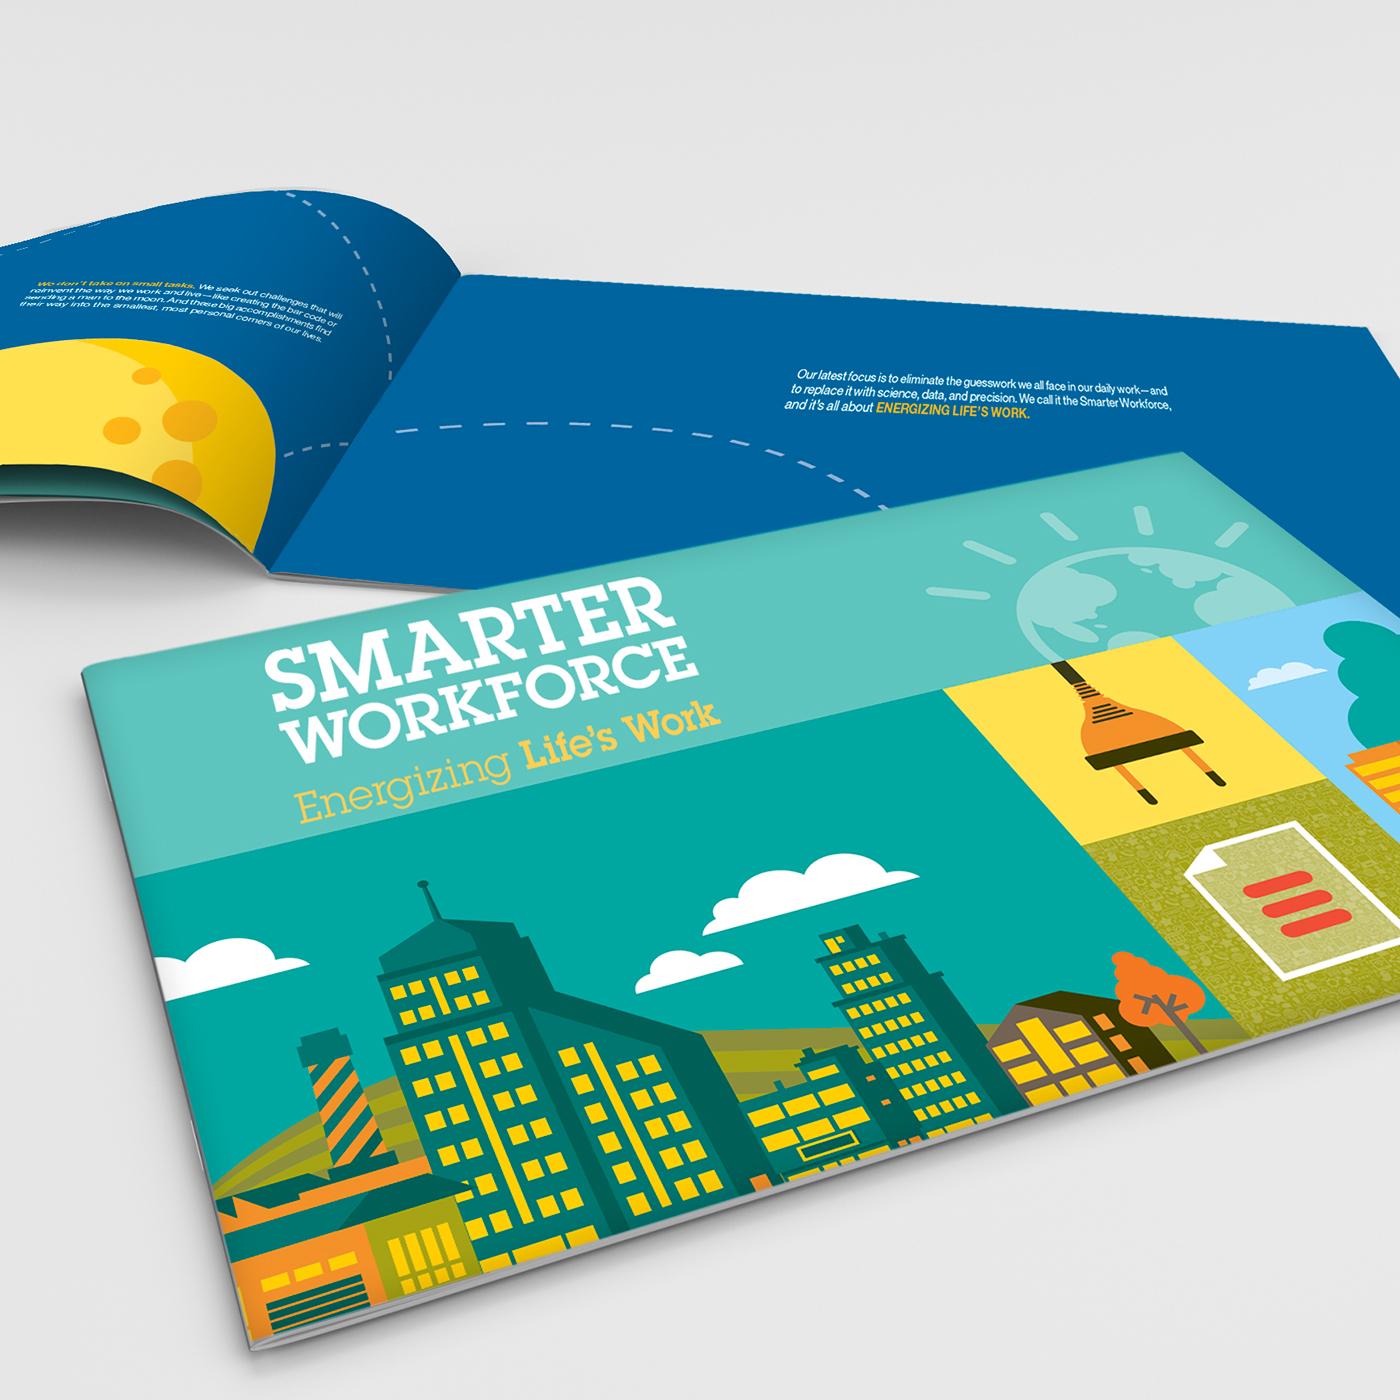 IBM Smarter Workforce Brochure Mock-up on Behance